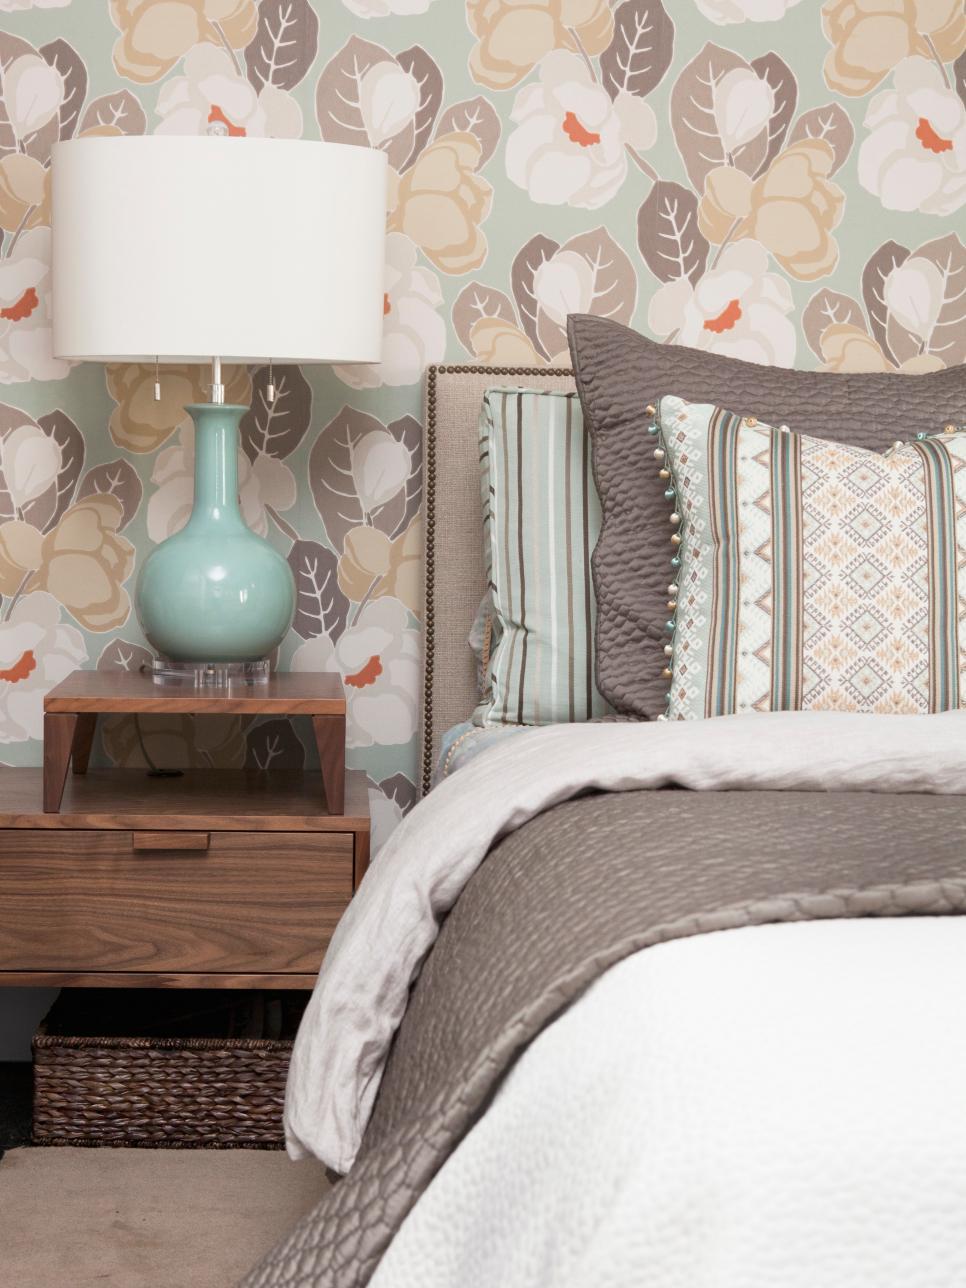 Οι boho πινελιές φέτος είναι must στη διακόσμηση με συνδυασμό σχεδίων και υλικών.